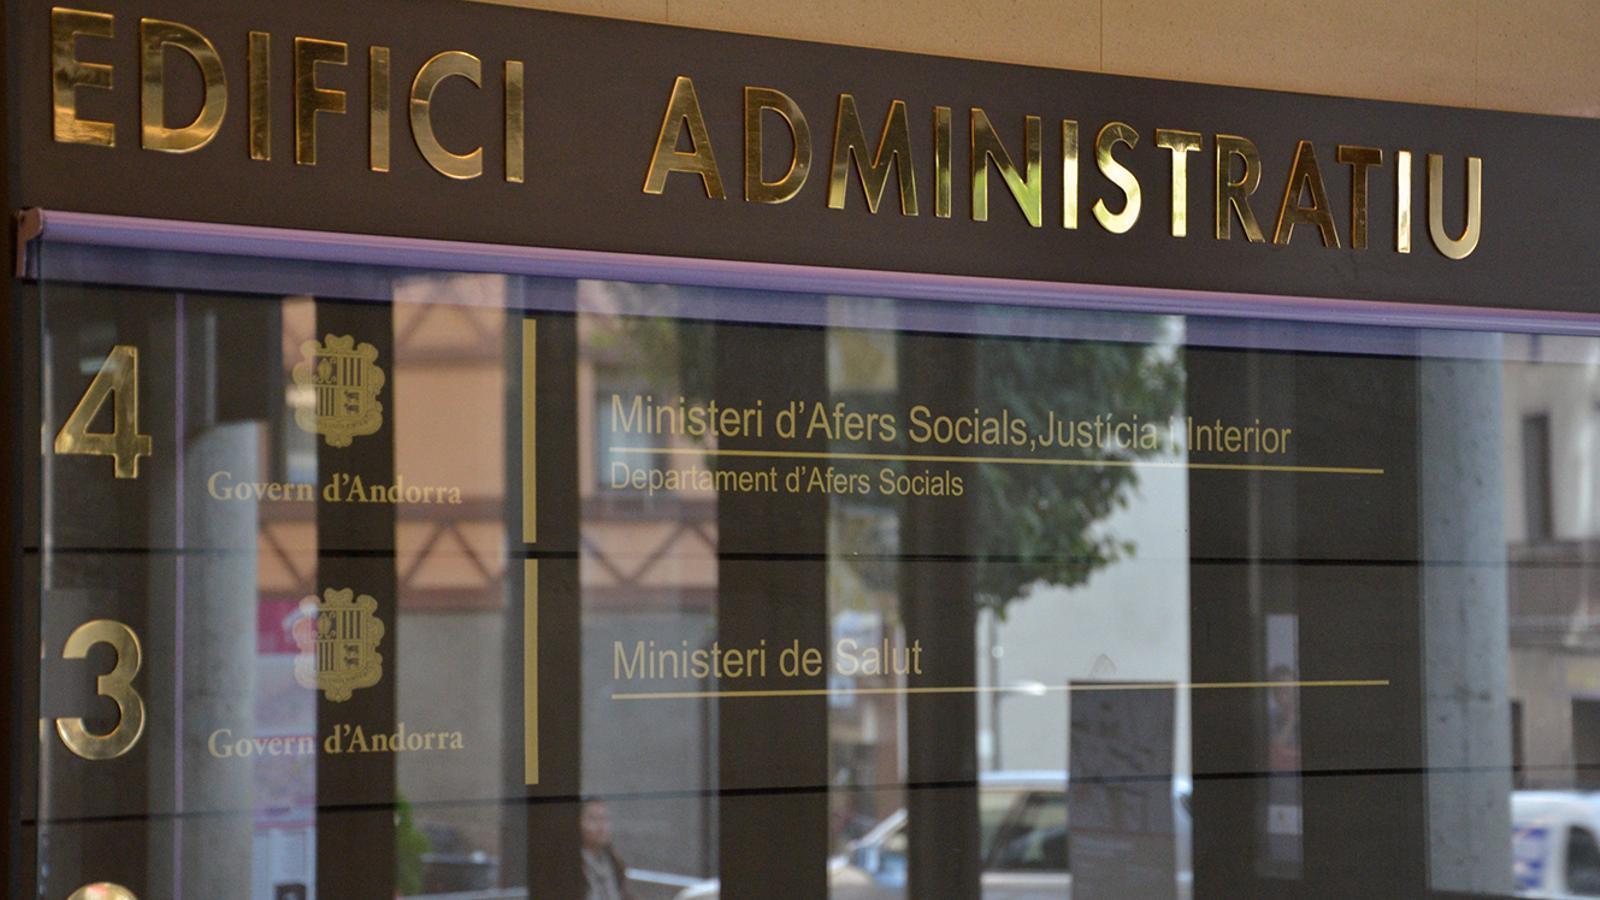 Entrada a l'edifici que acull el ministeri de Salut. / ARXIU ANA